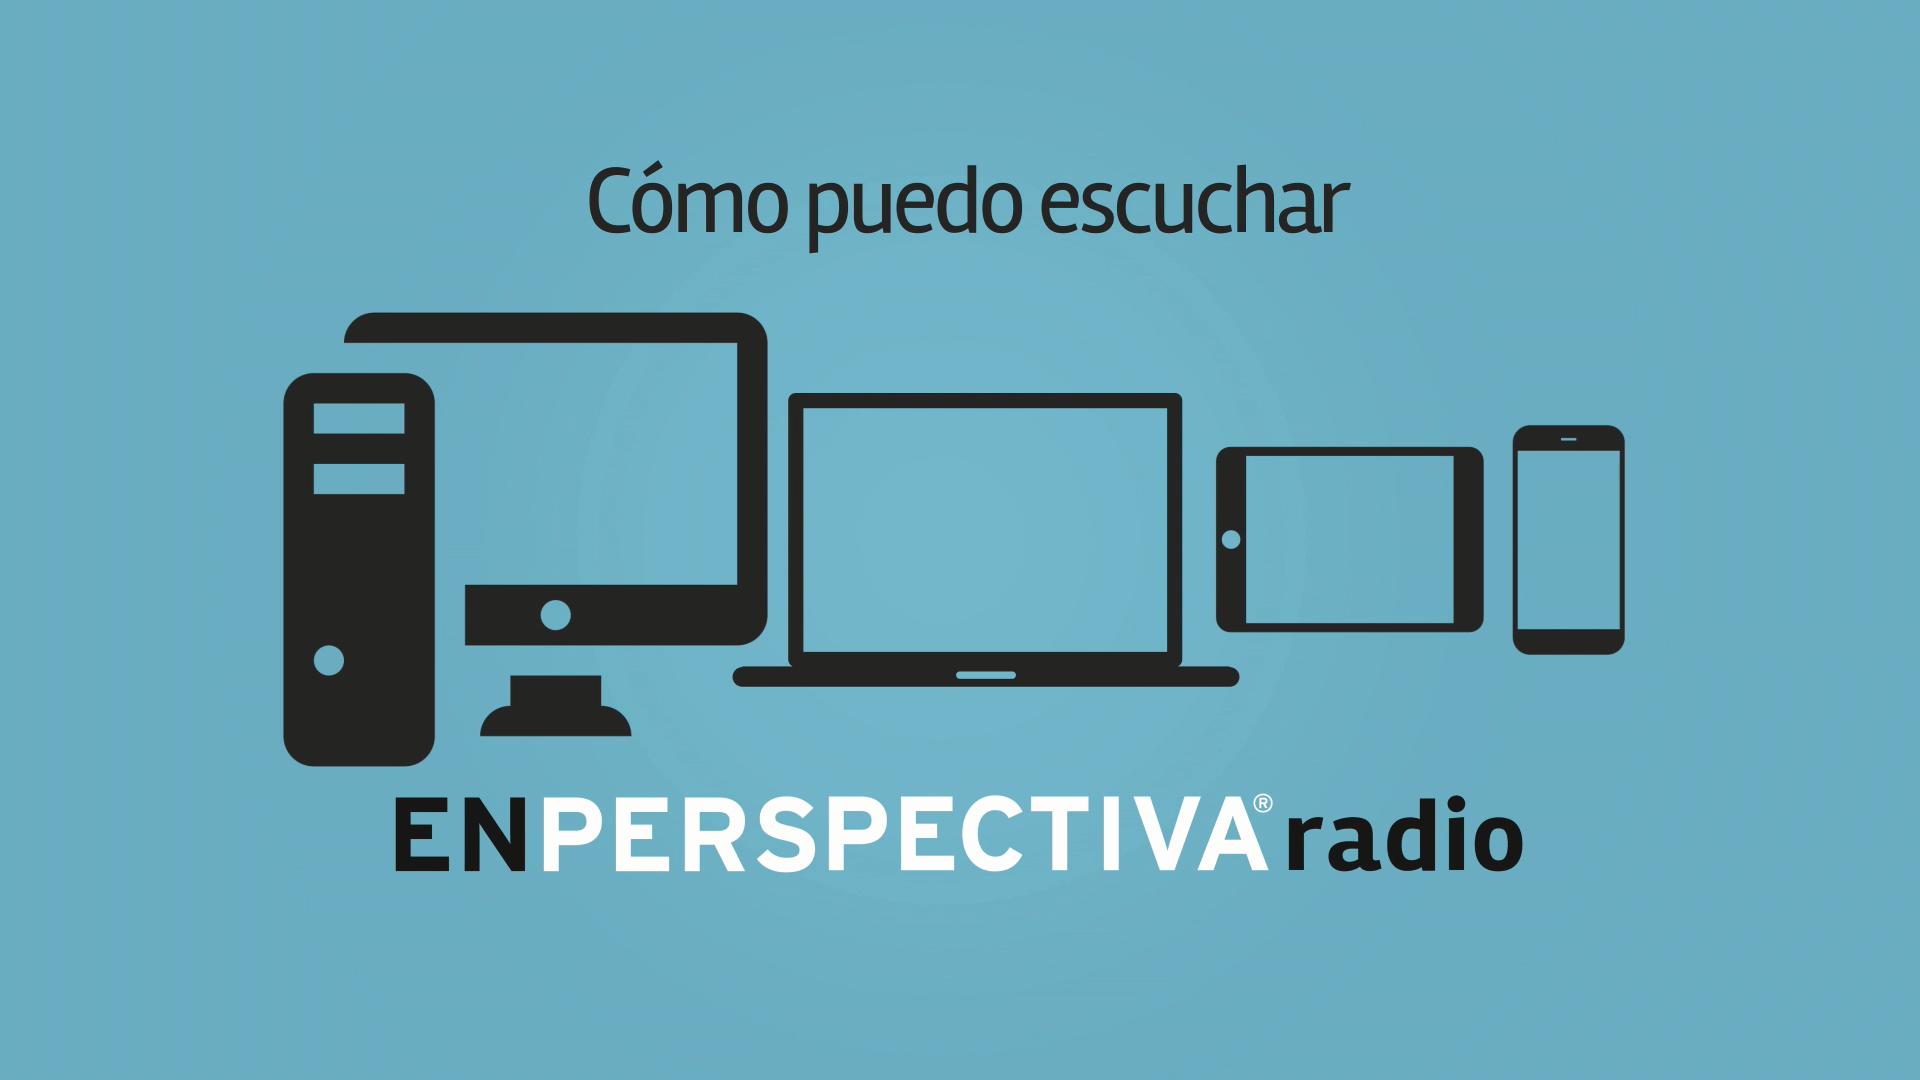 Video tutorial¿Cómo escuchar EN PERSPECTIVA radio?